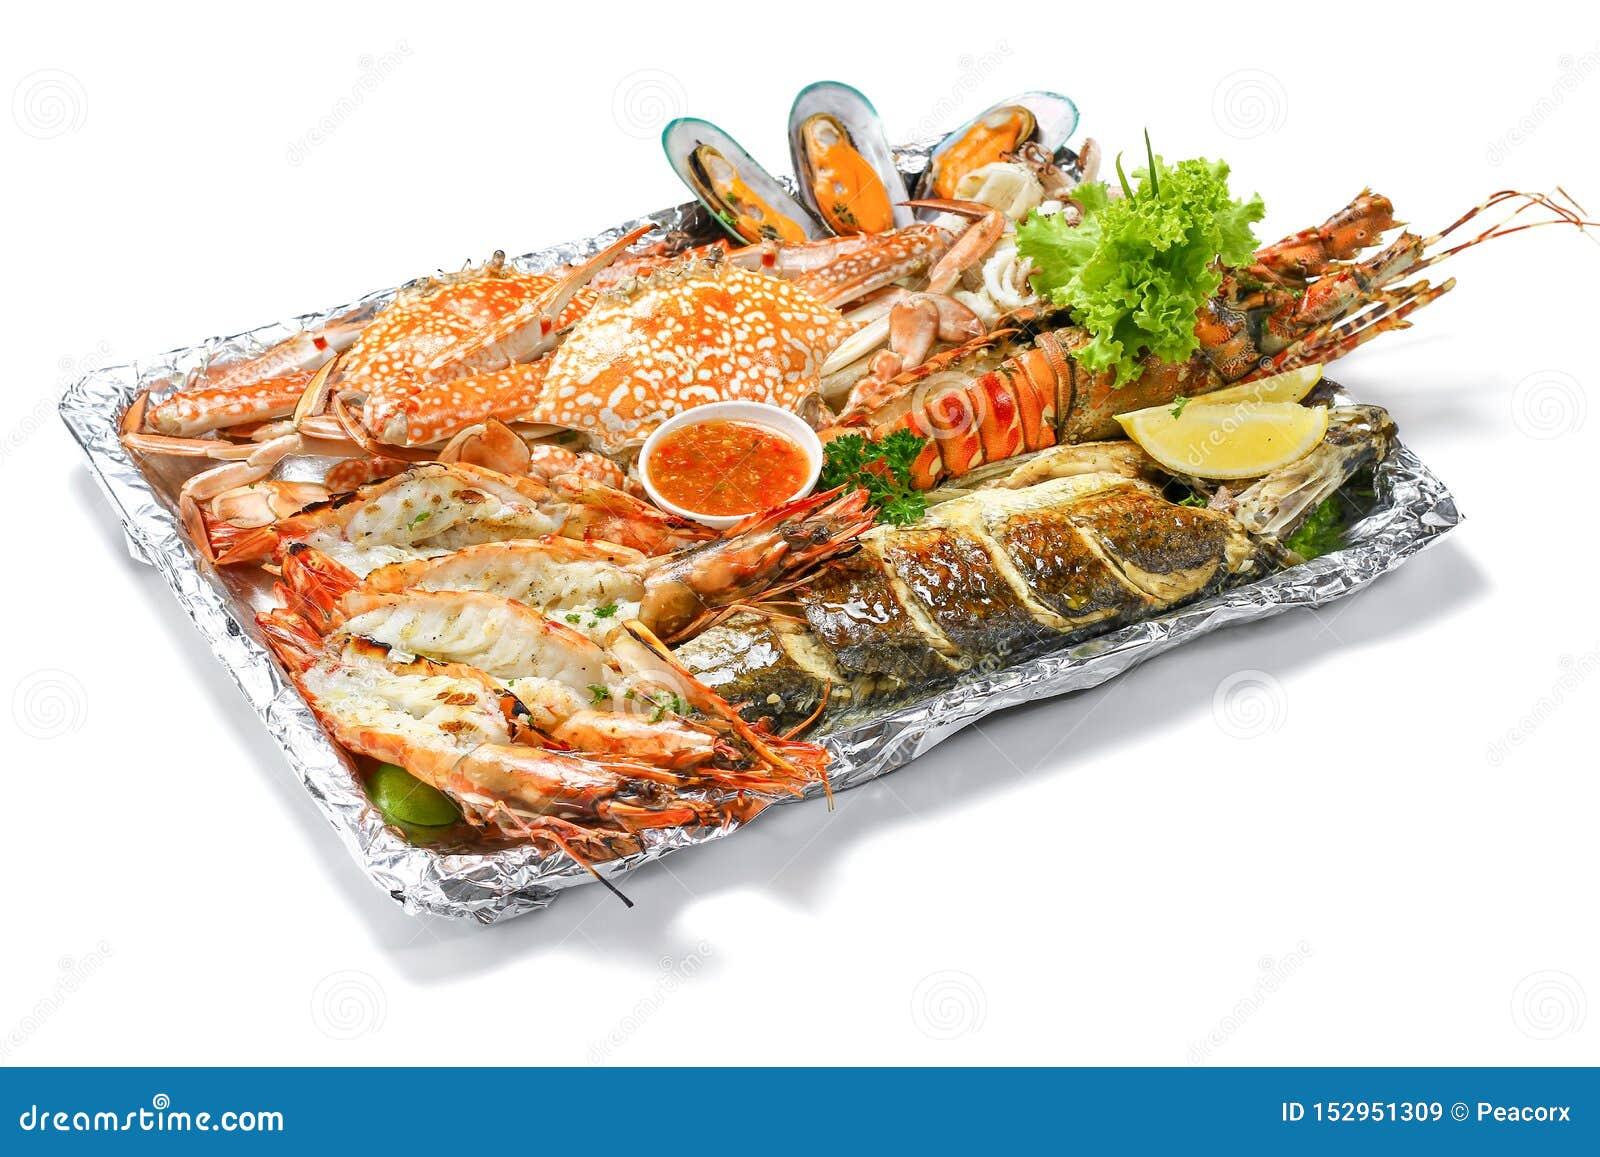 Bandeja misturada grelhada dos mariscos ajustada para conter lagostas para pescar calamares grandes azuis do Calamari dos molusco